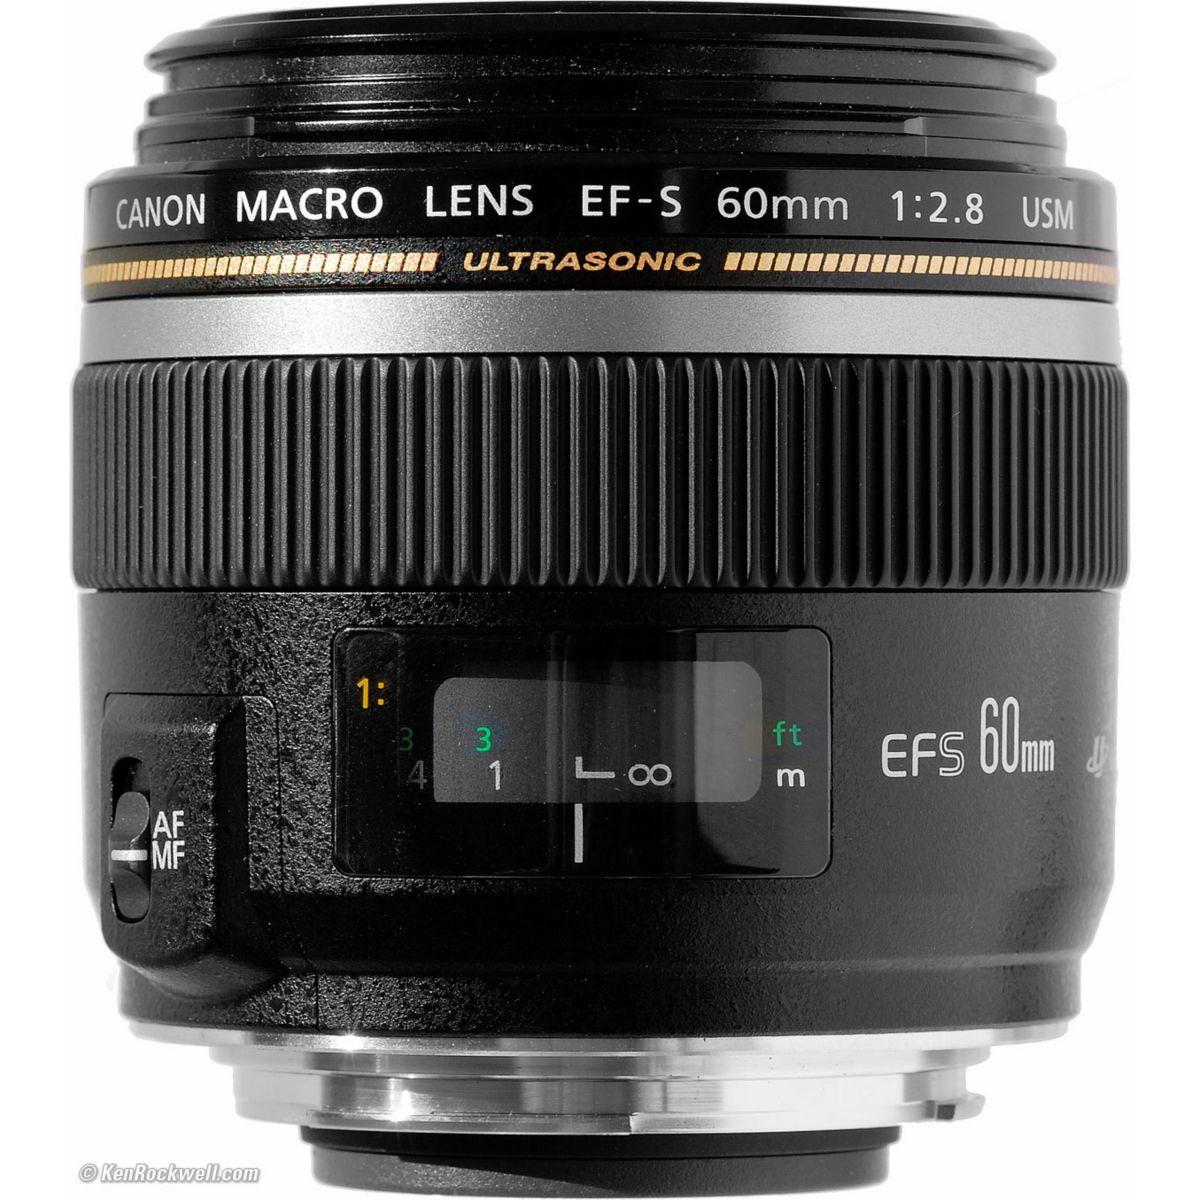 Objectif CANON EF-S 60mm 1:2,8 Macro USM (pour reflex CANON)